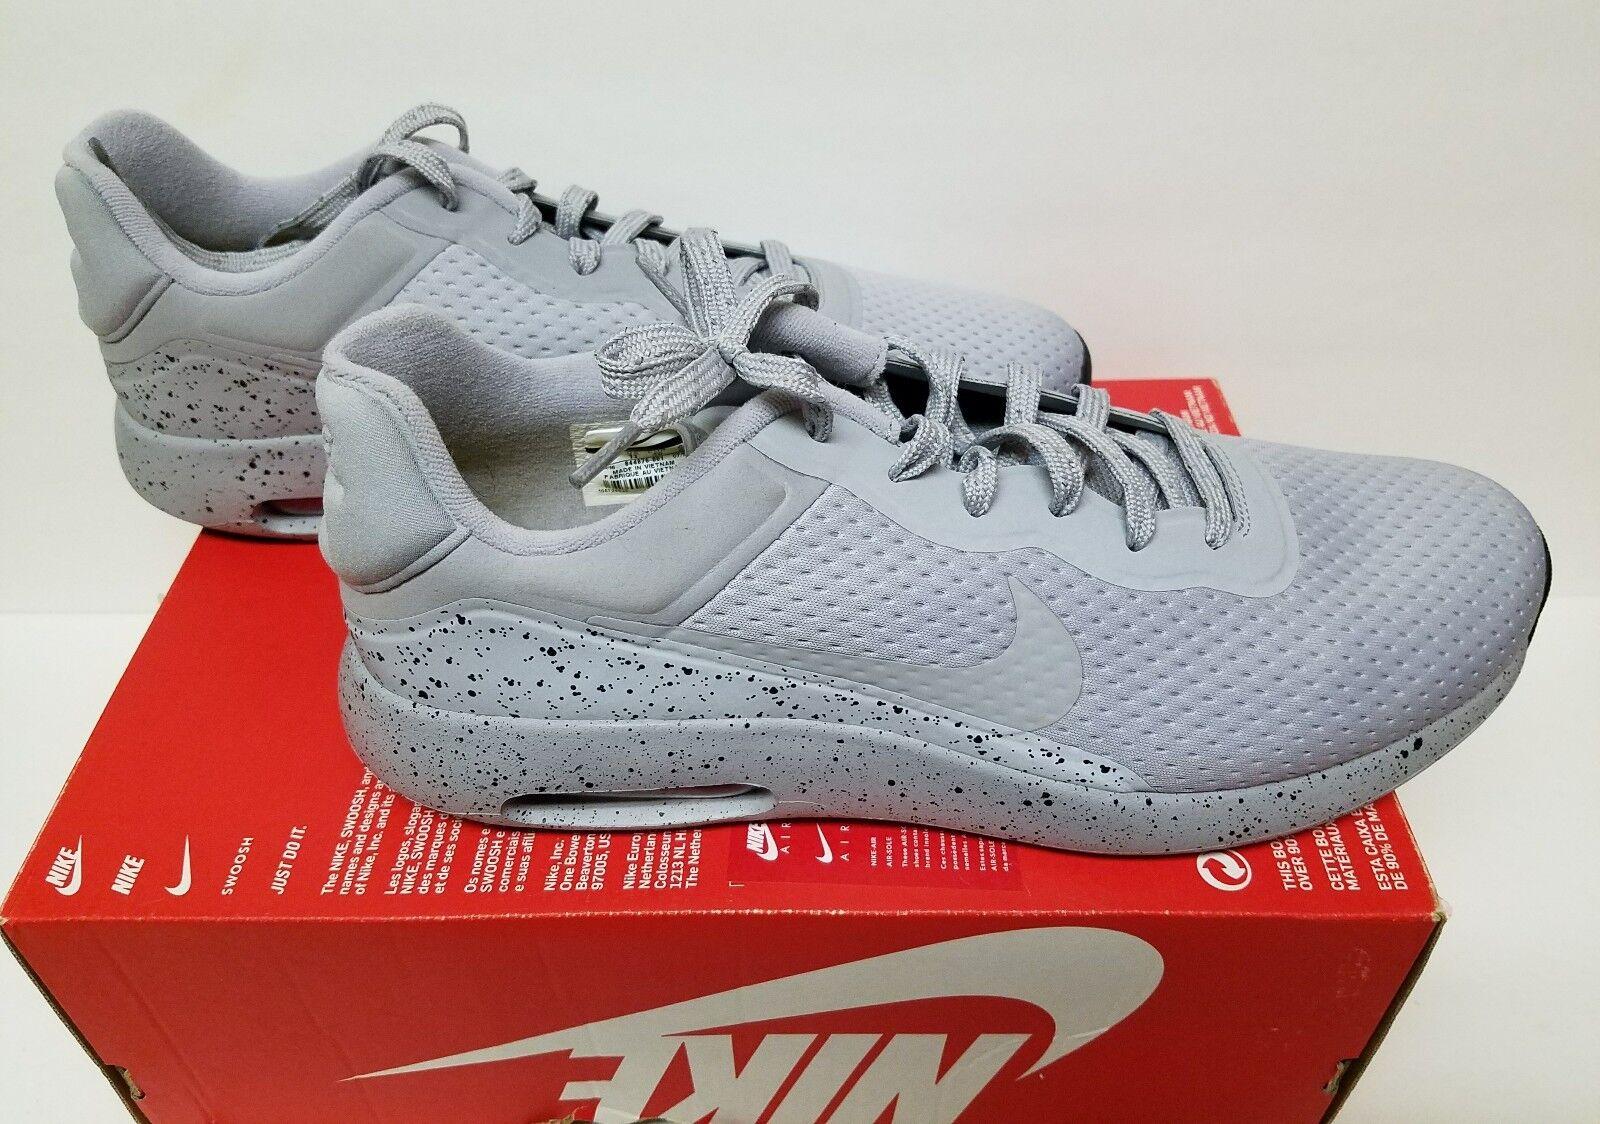 Nike taglia air max moderne se taglia Nike 12 scarpe rosa 844876001 riflettente lupo grigio f56412